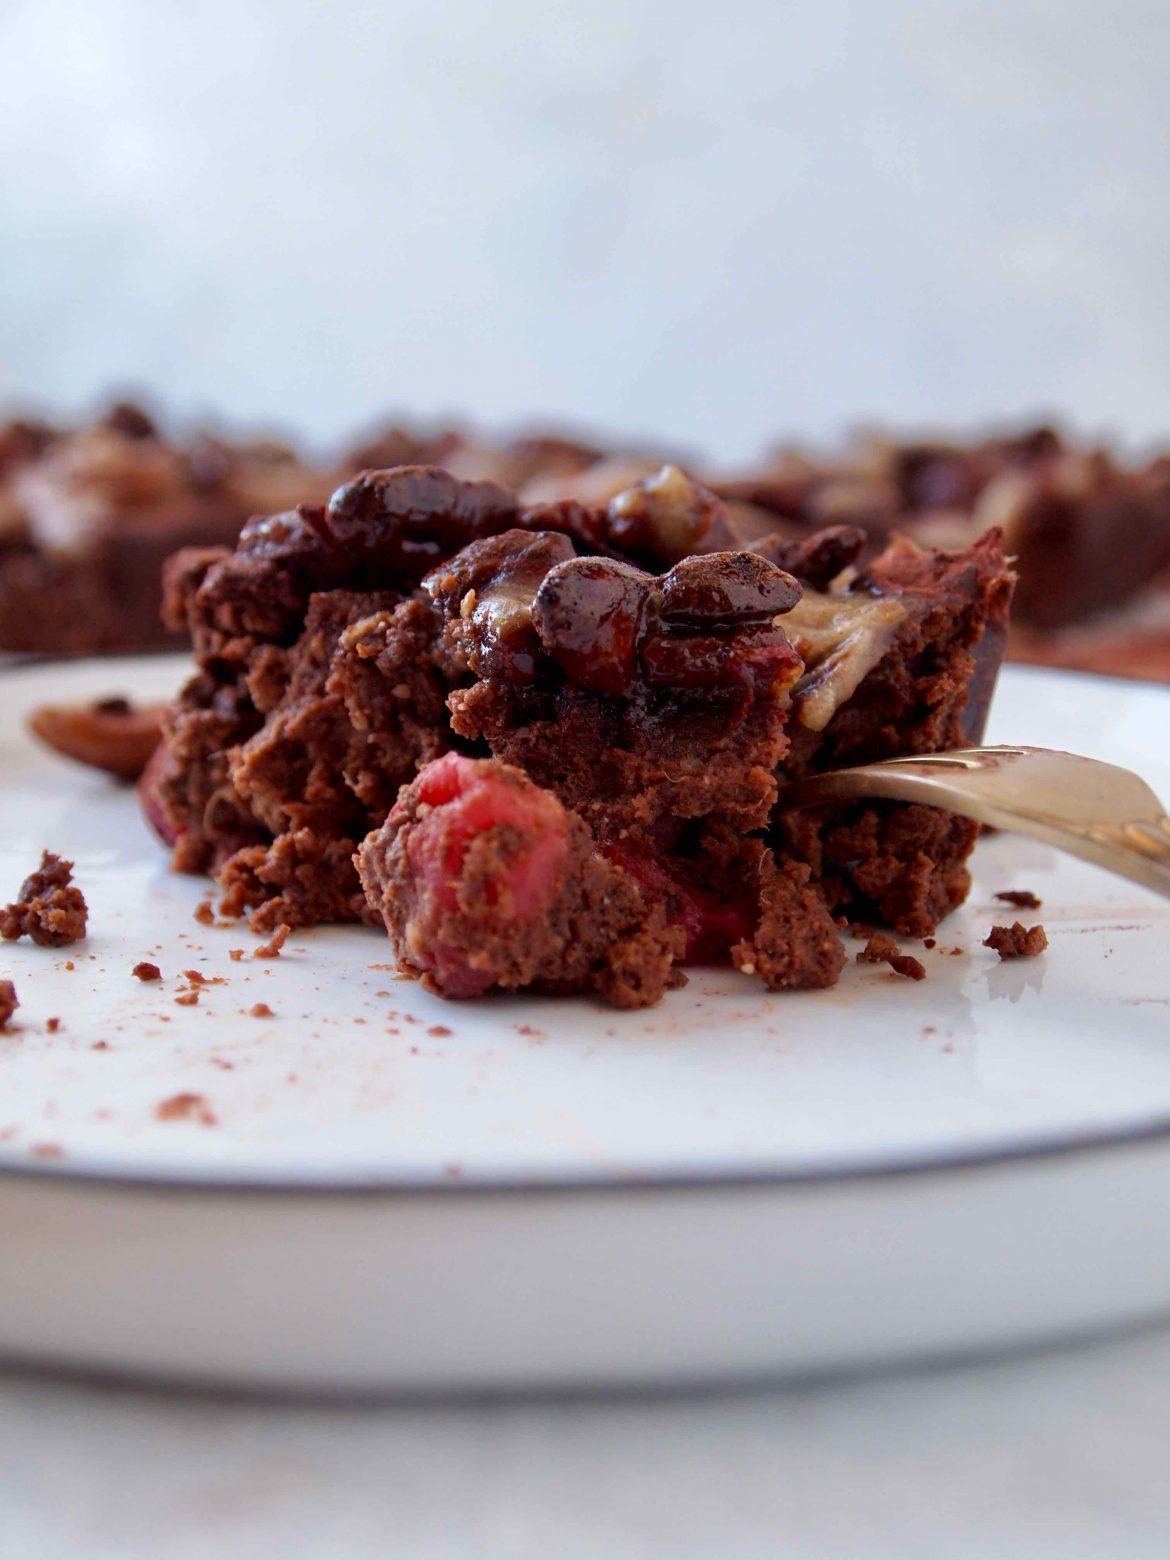 Cranberry-Süßkartoffel-Brownies mit Salzkaramellnüsse und Dattel-Karamell-Soße